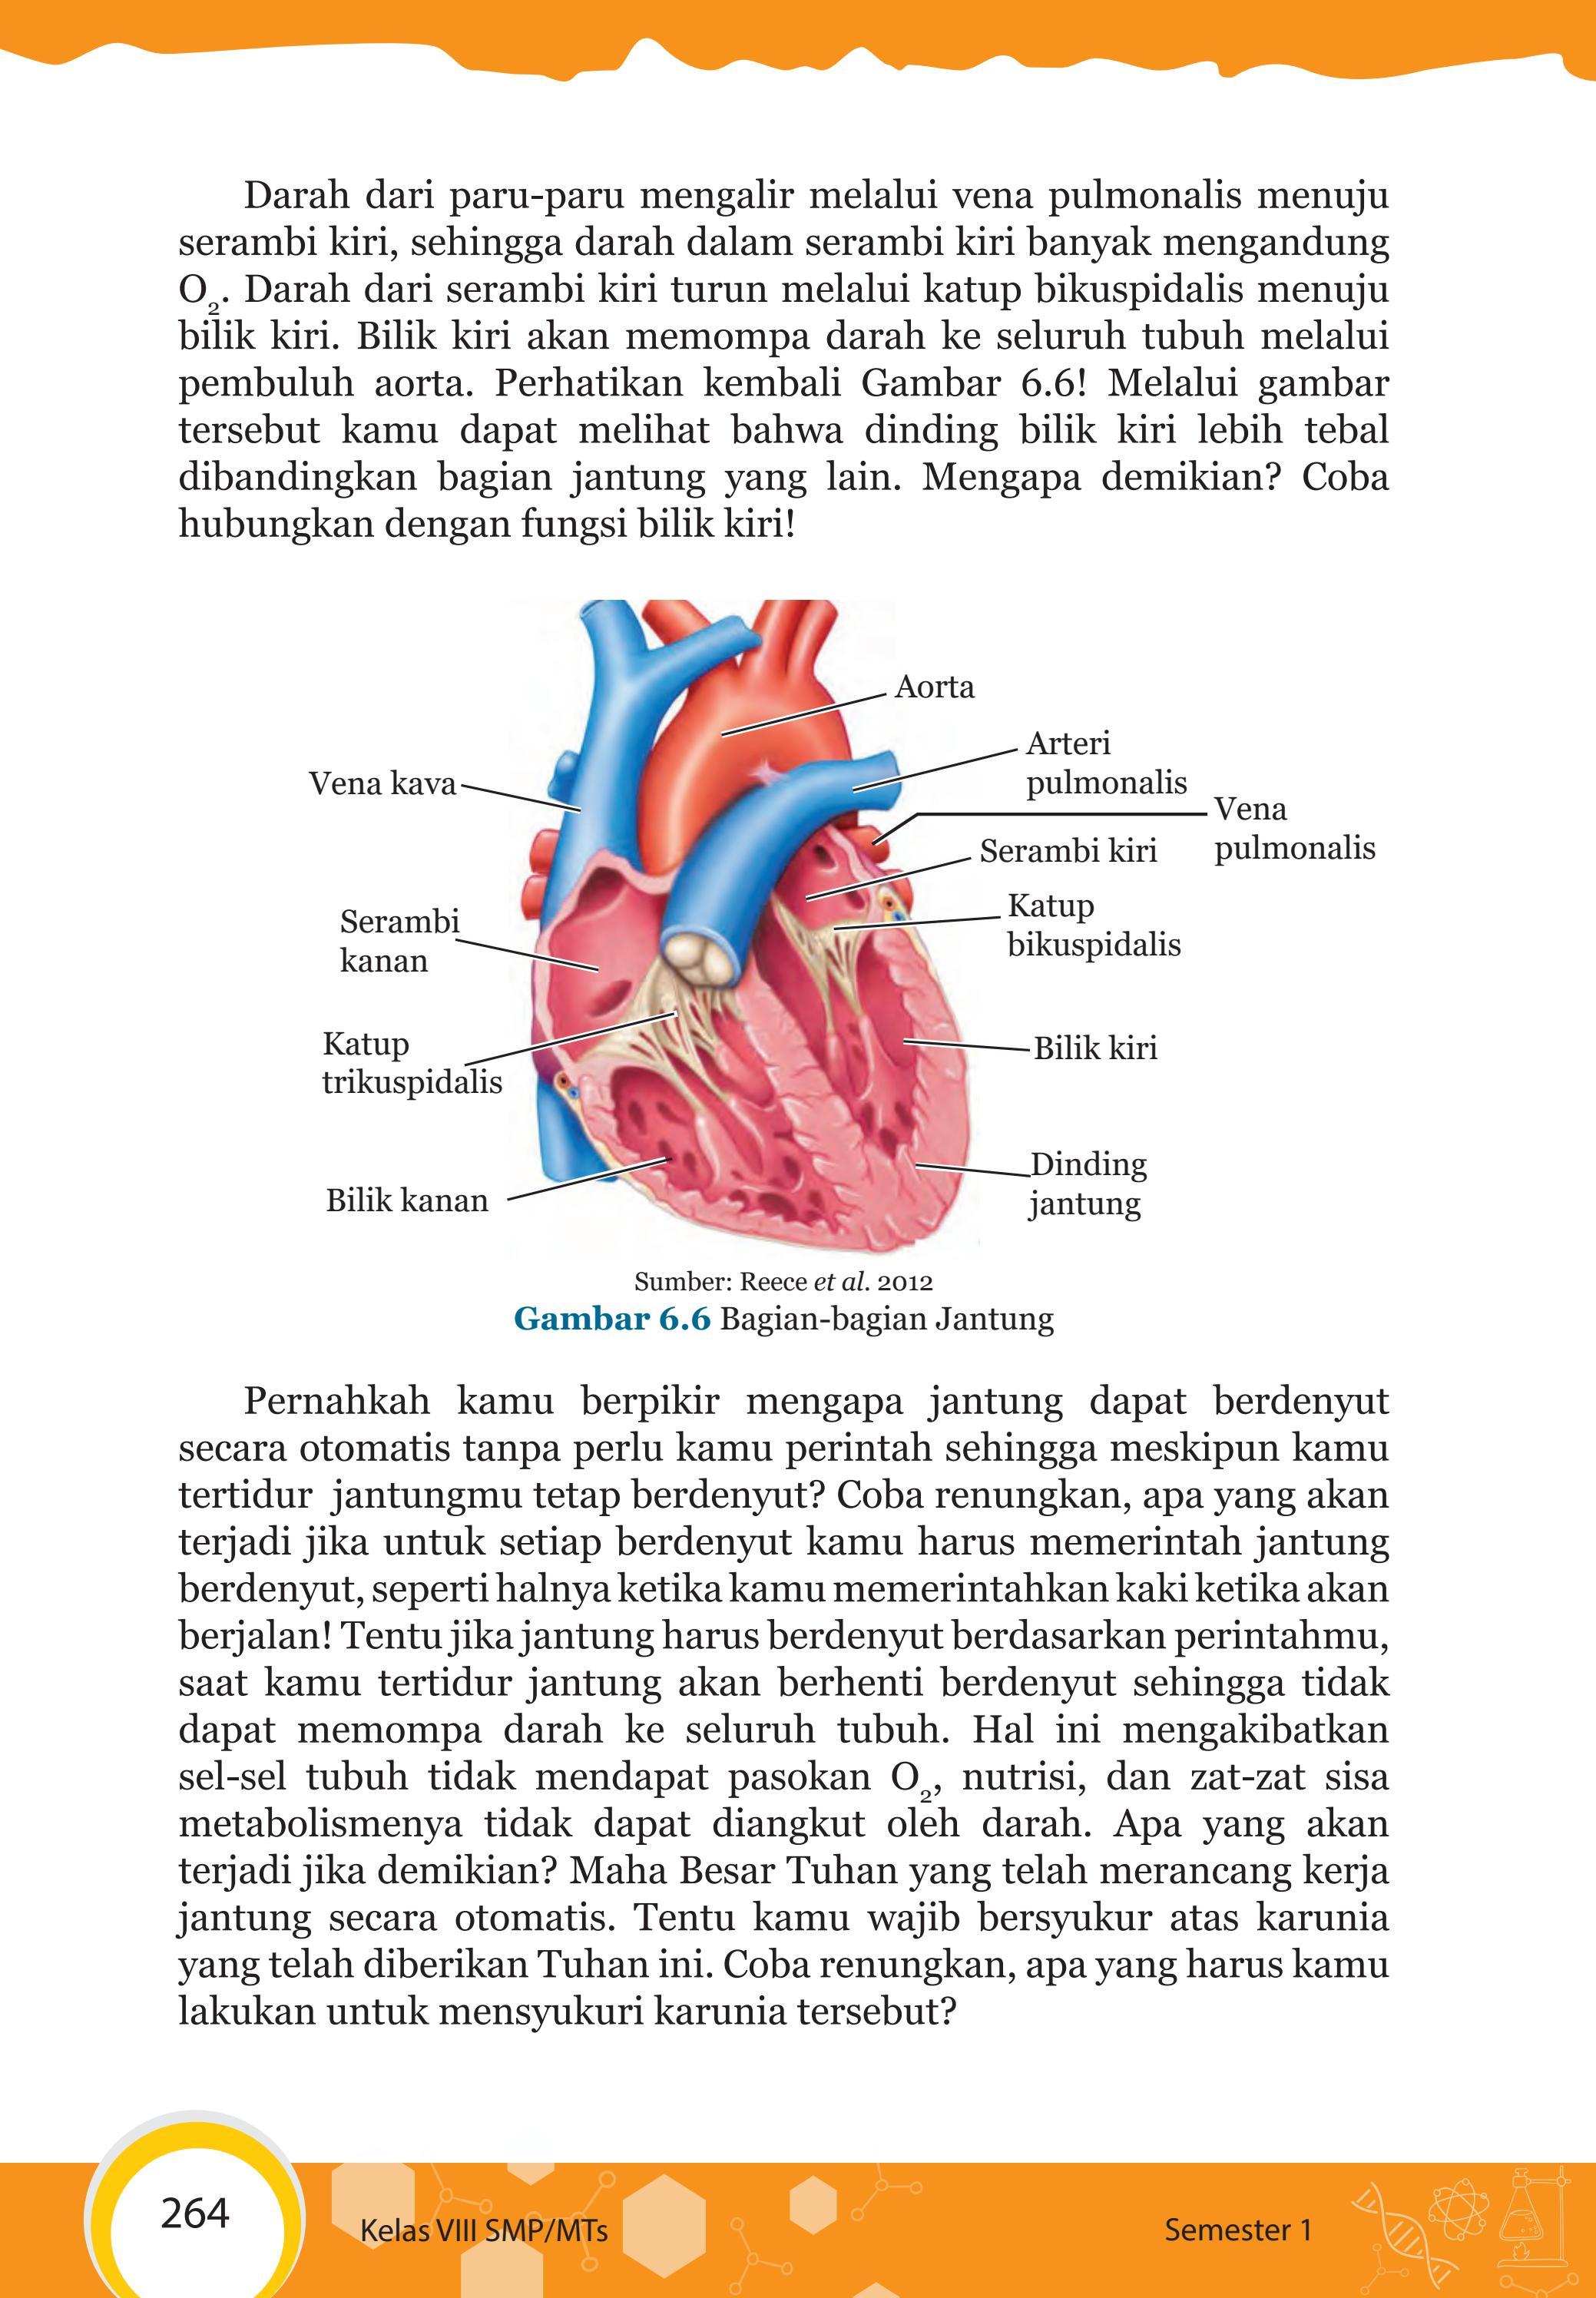 Gambar Bagian Jantung Dan Fungsinya : gambar, bagian, jantung, fungsinya, Kelas, Pengetahuan, Siswa, Issuu